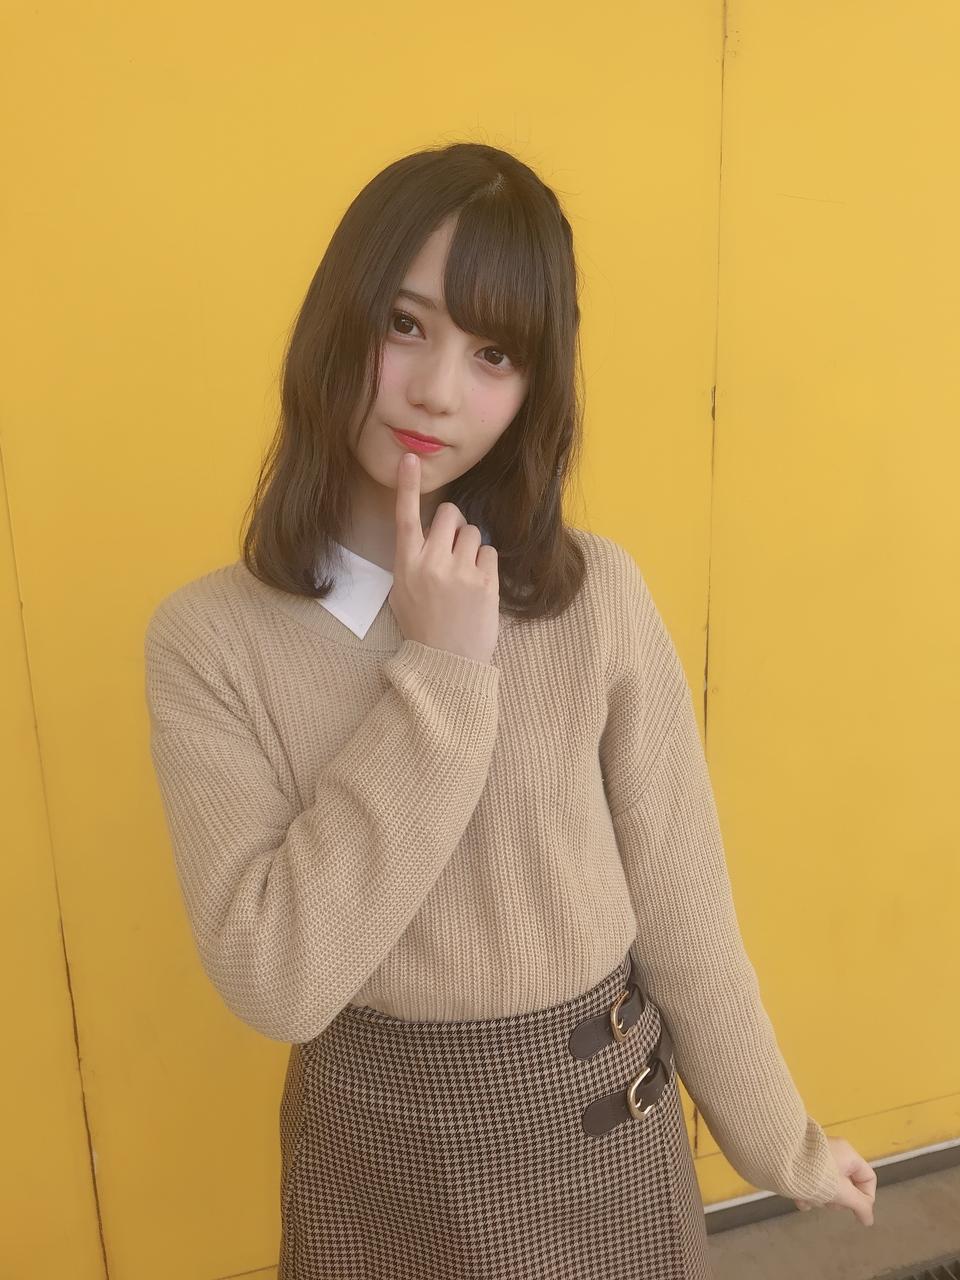 日向坂46メンバーブログまとめ2019年4月5日